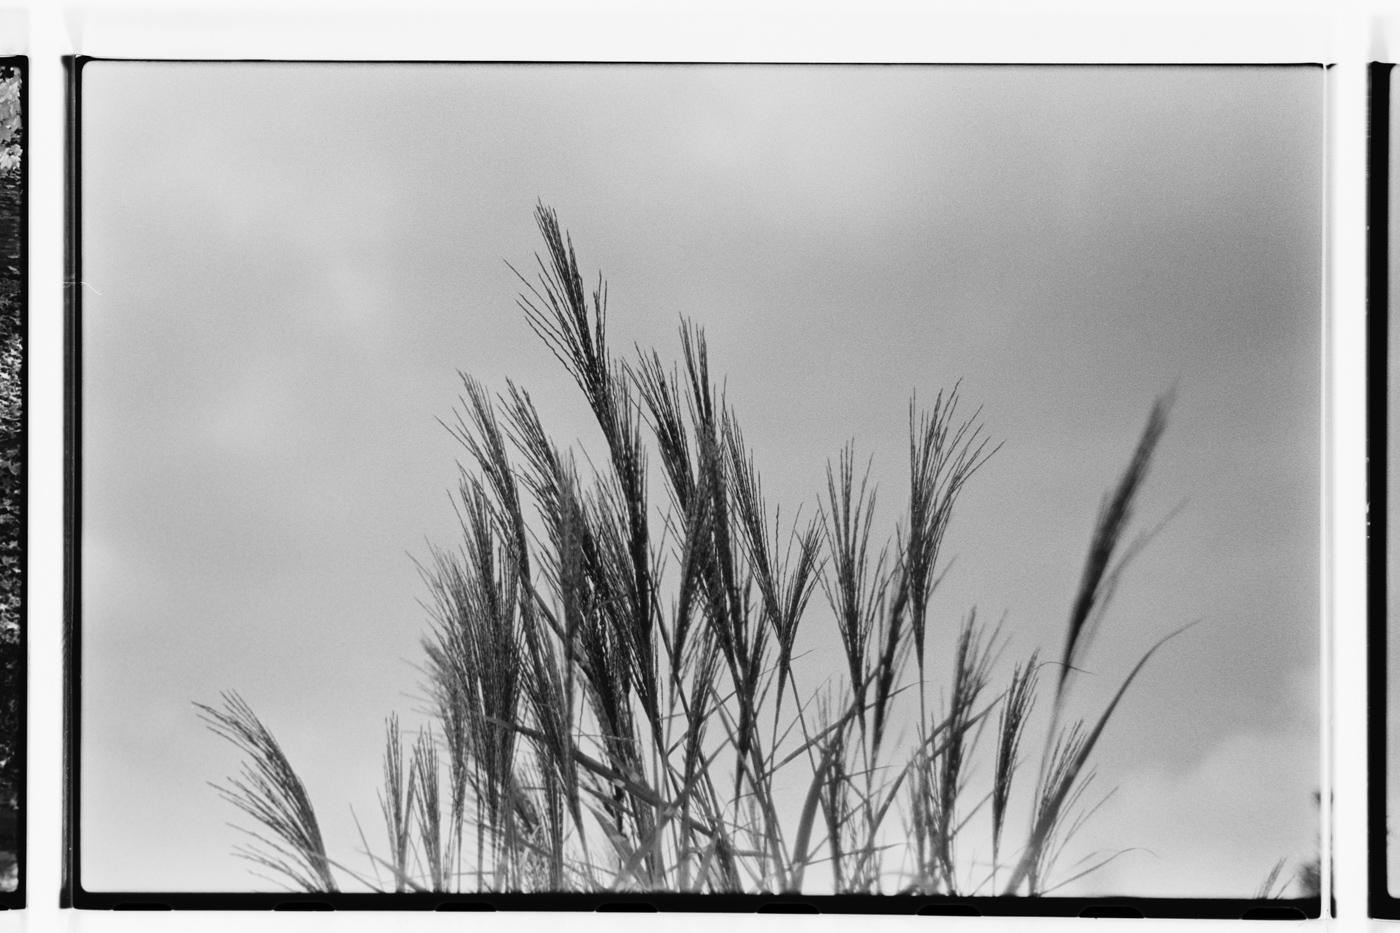 grasses against overcast sky